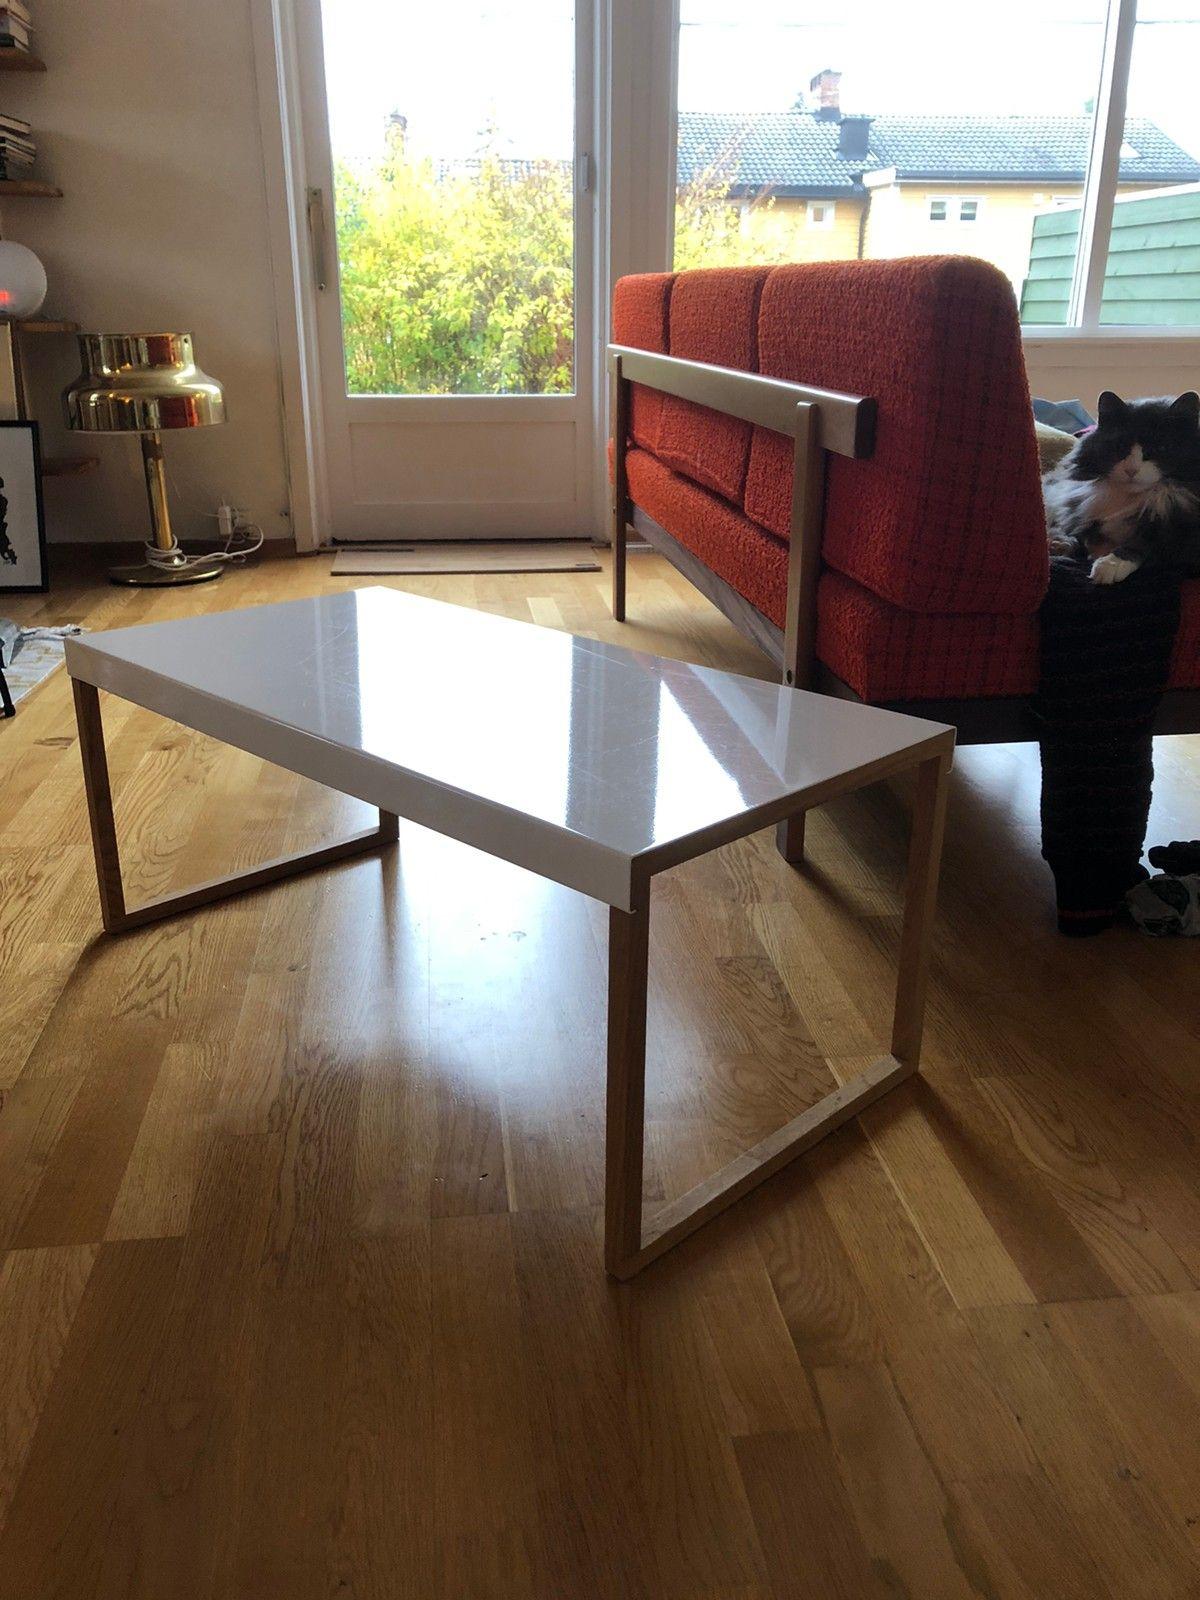 Kilo habitat spisebord | FINN.no